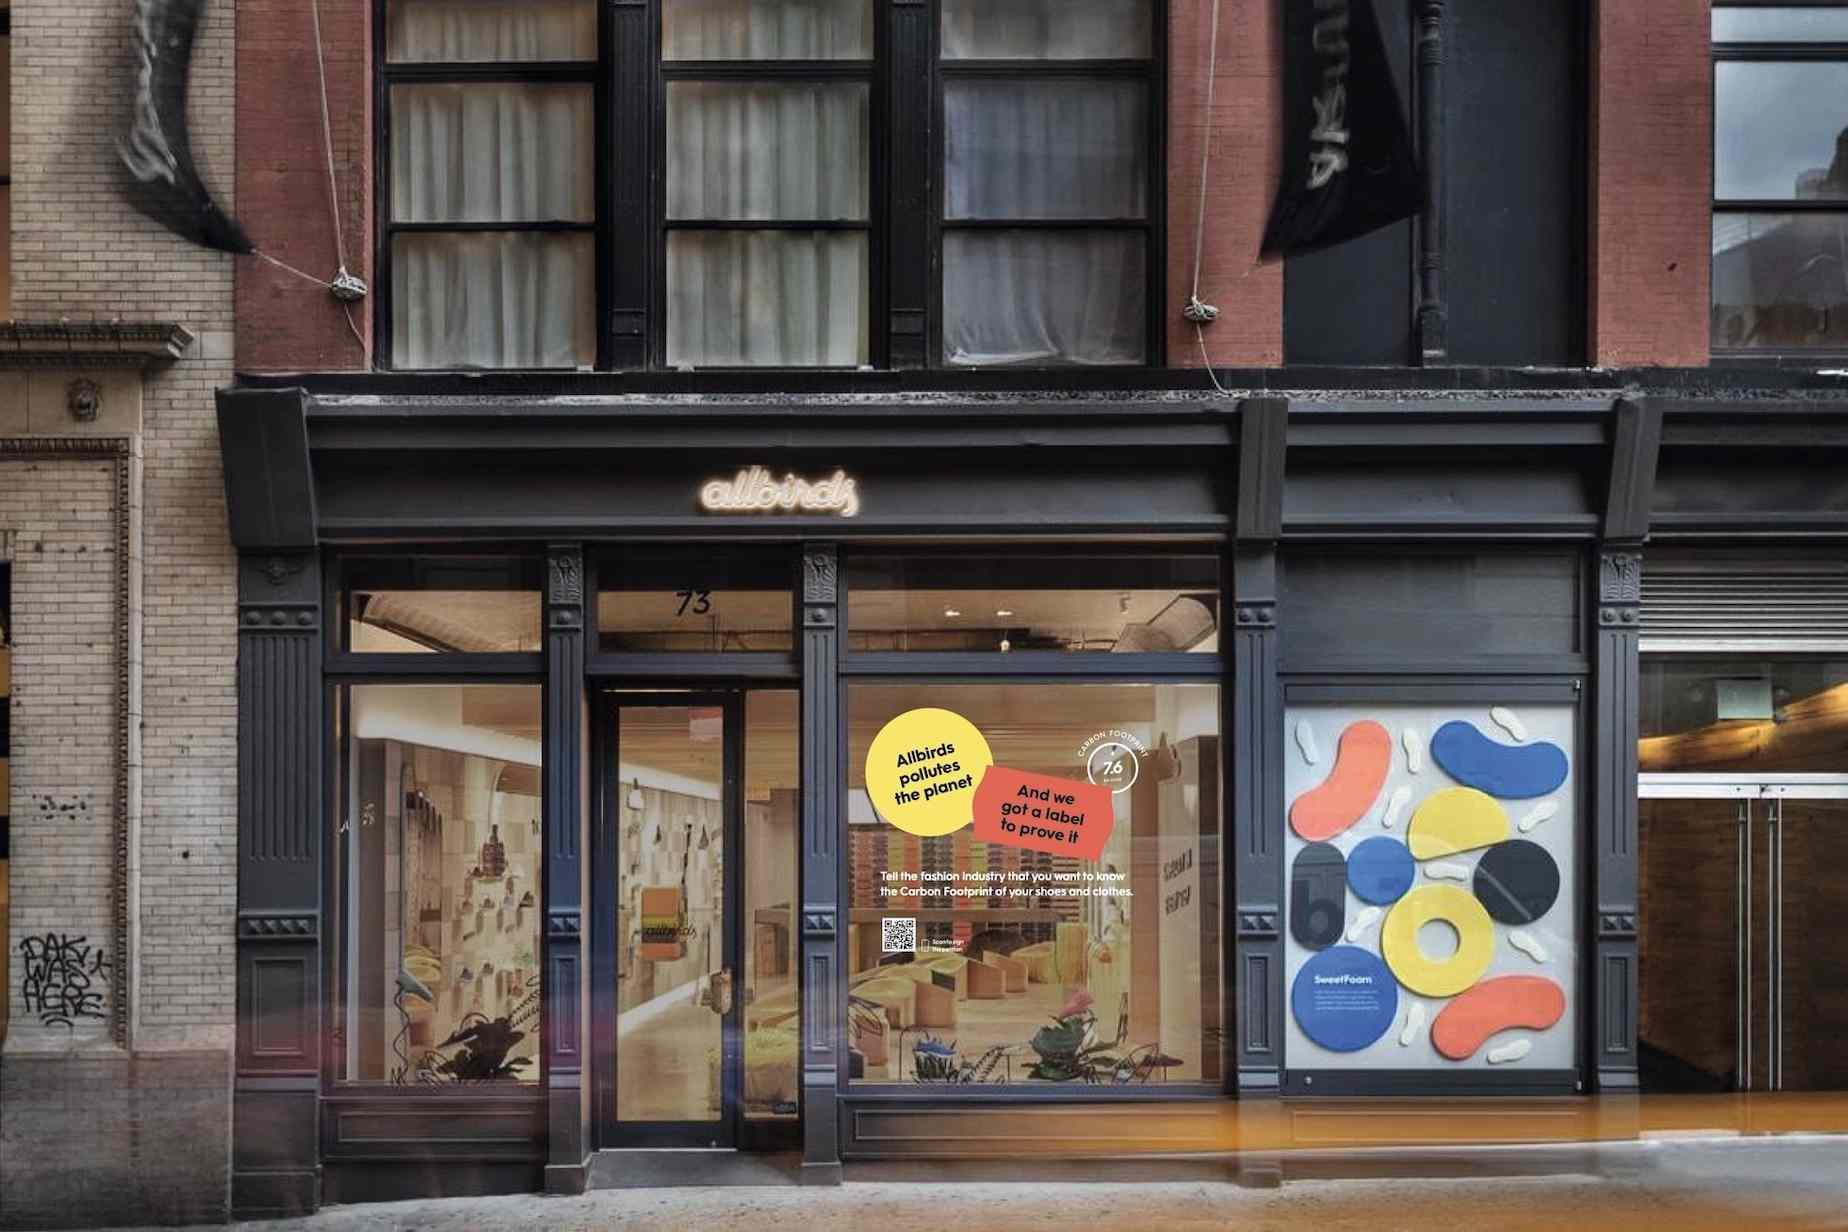 Allbirds storefront